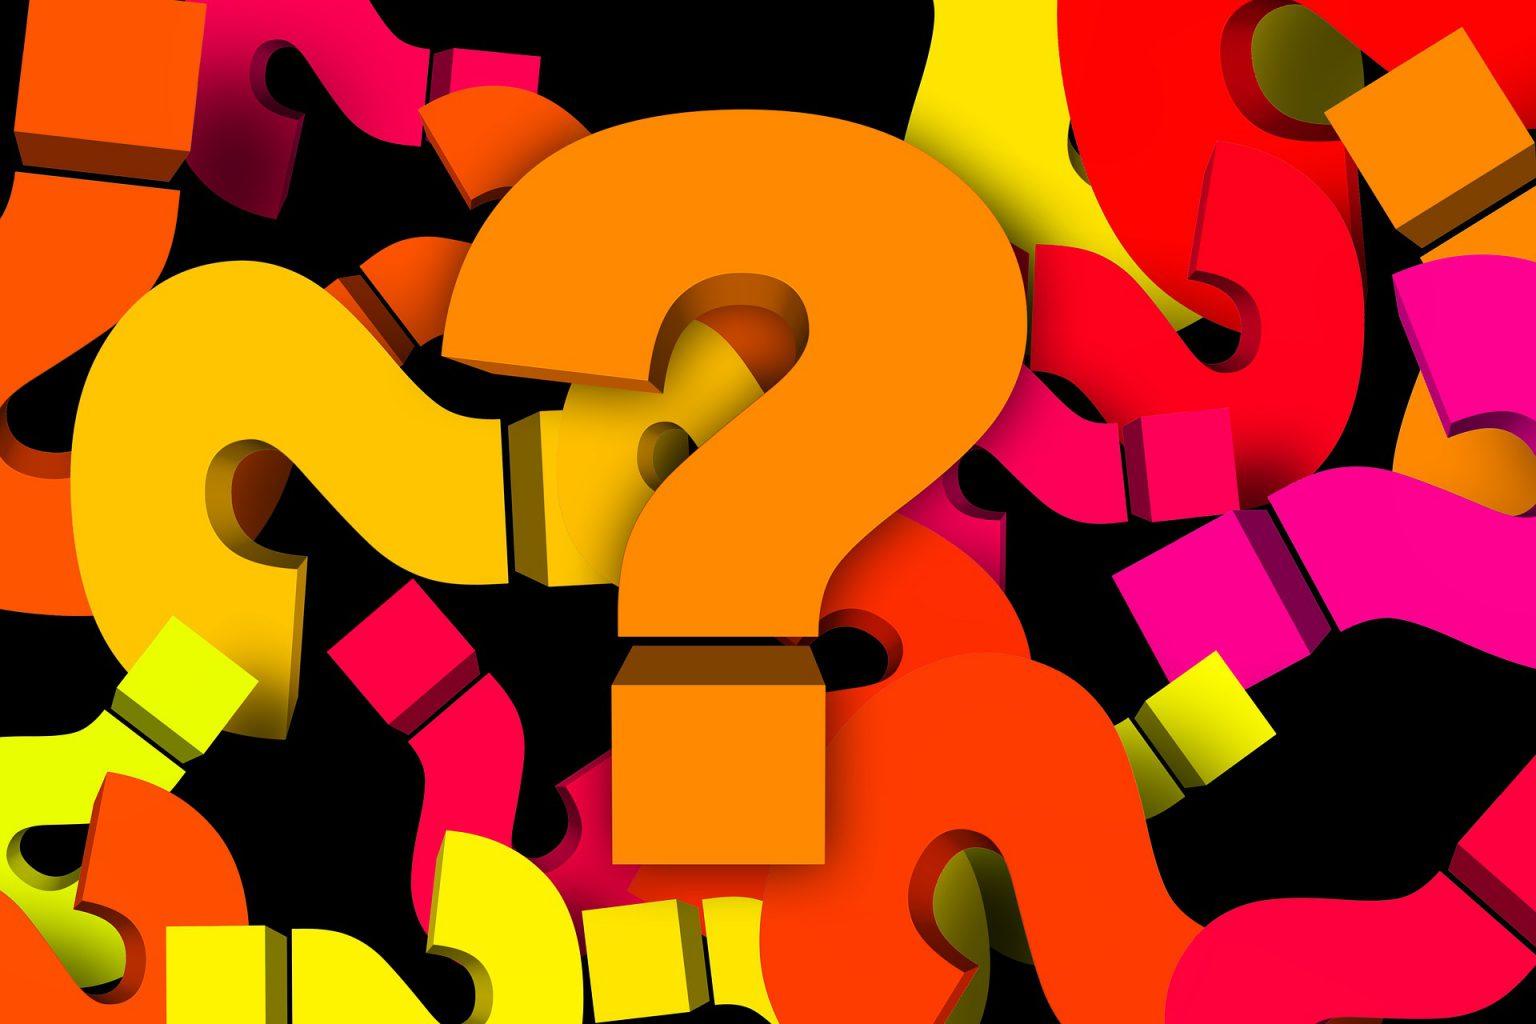 ¿Sabías qué… ? Curiosidades sobre el Mercado Único Digital Europeo